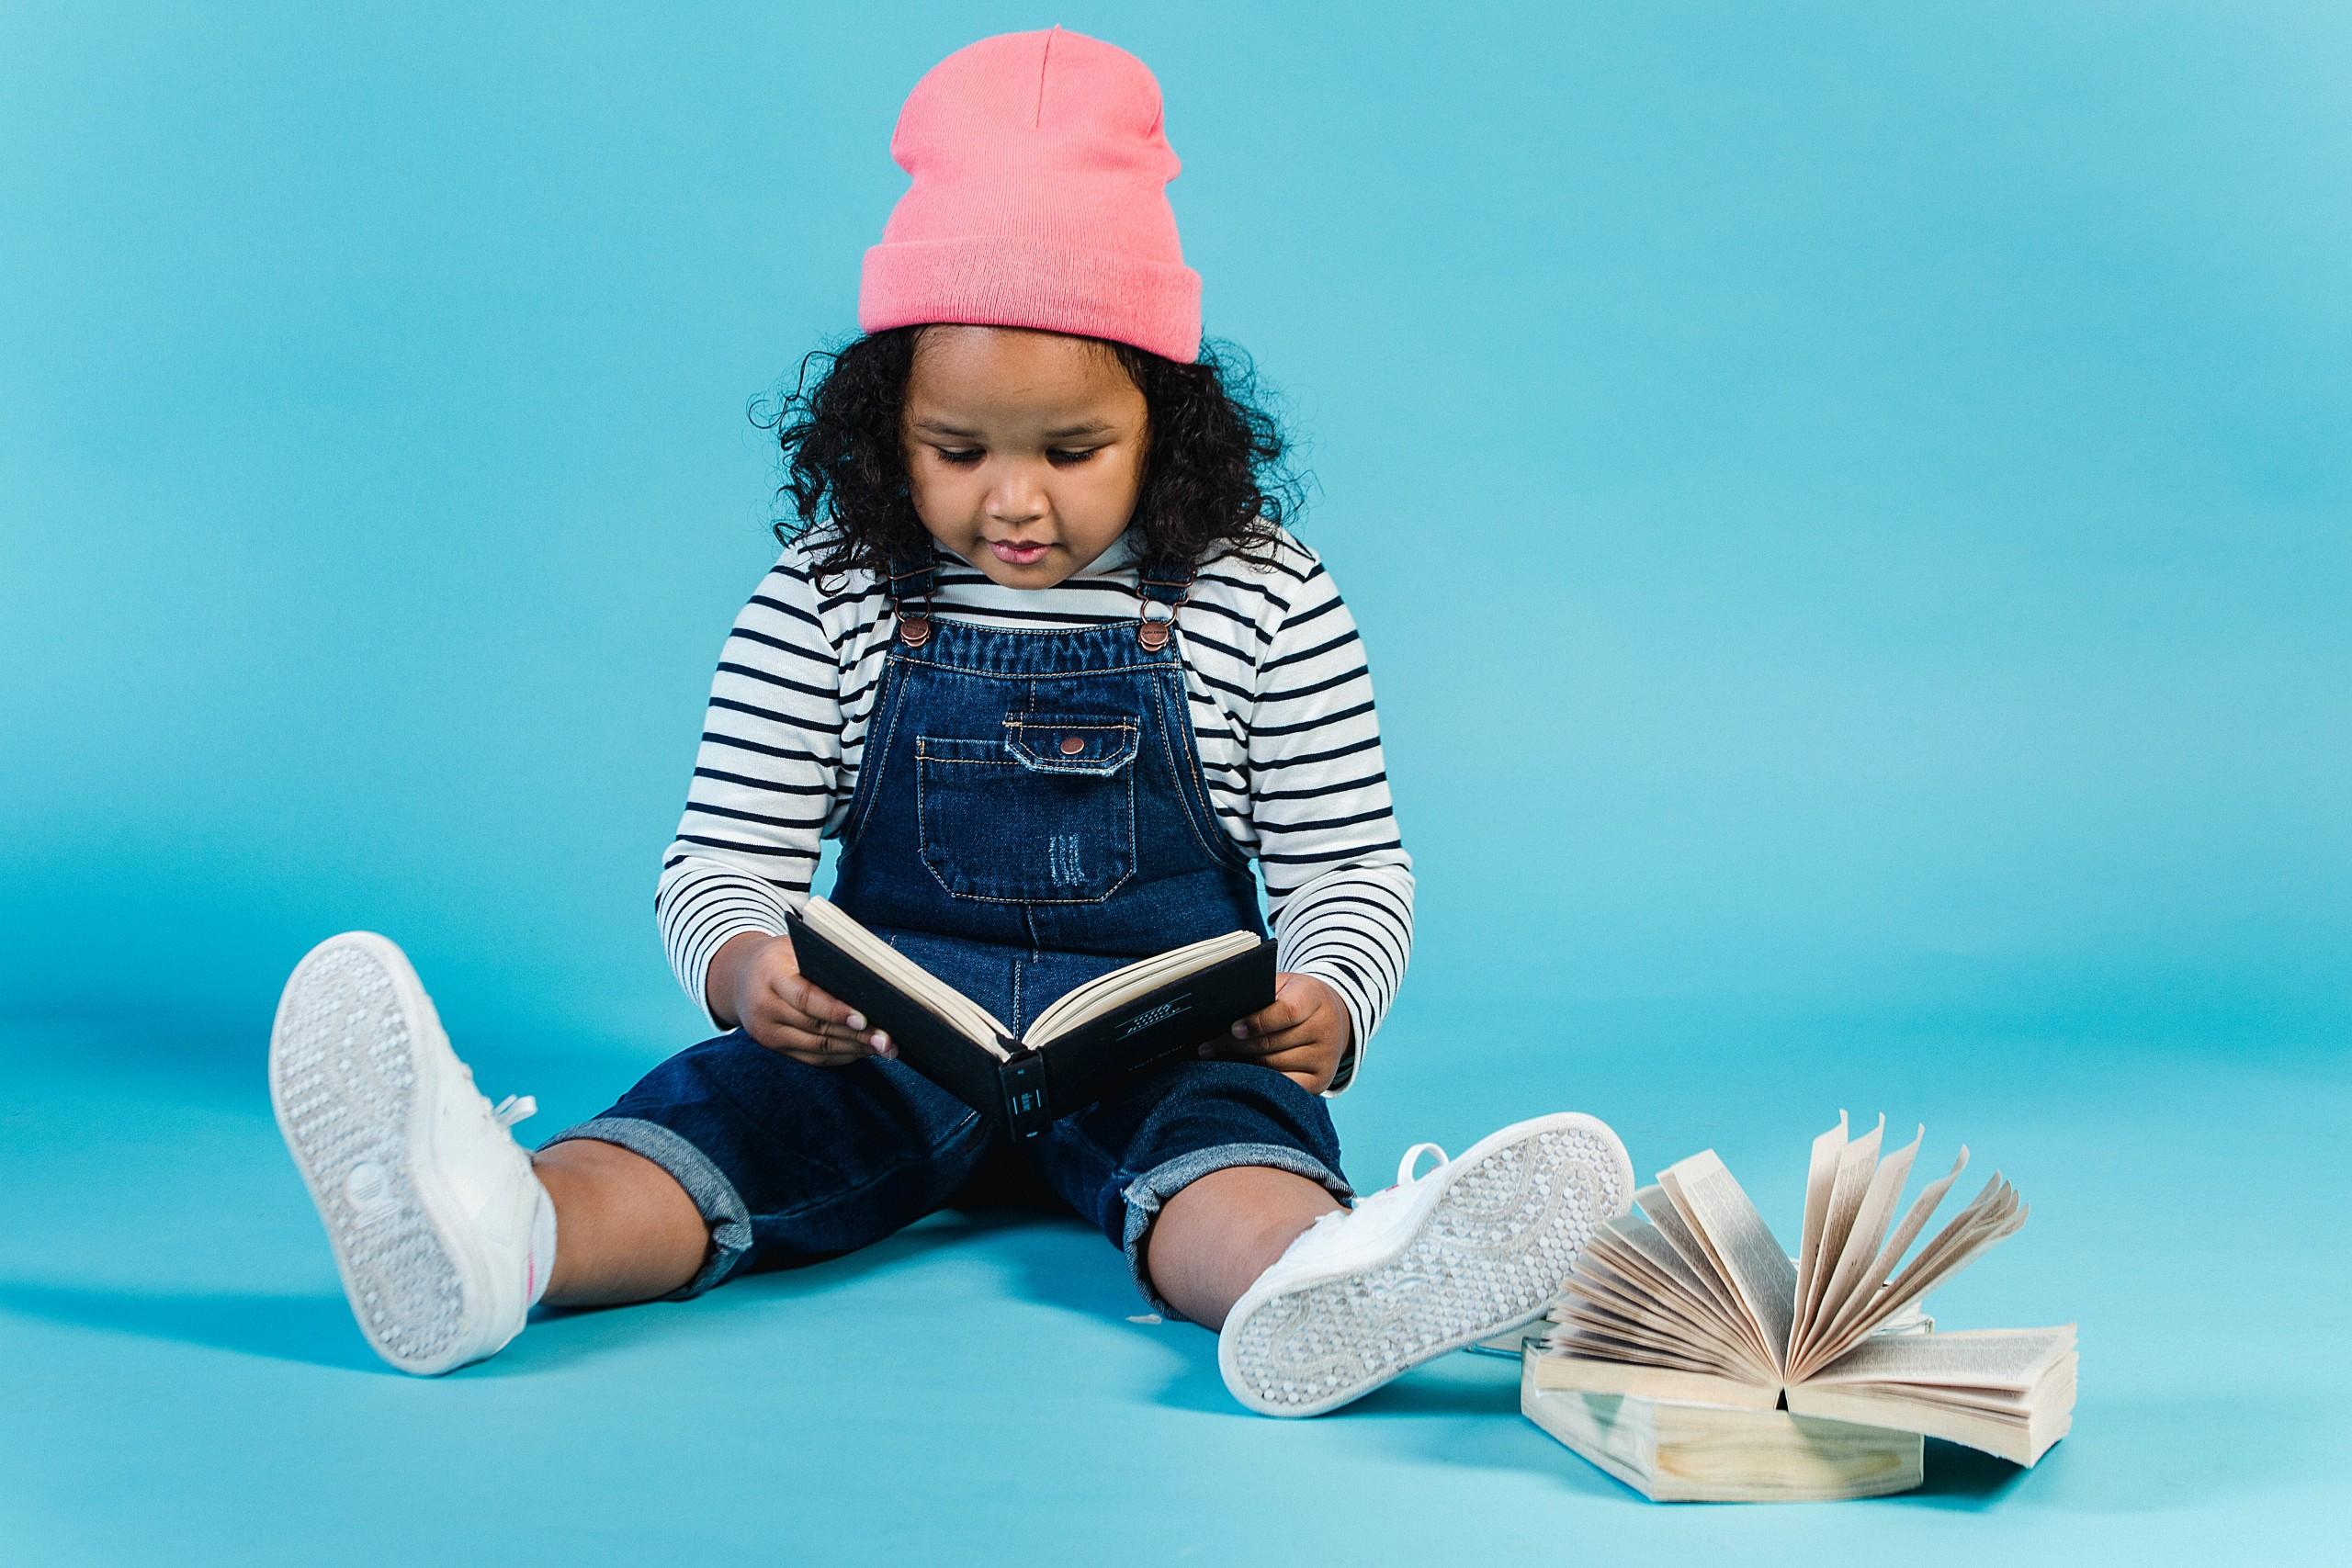 Children's Books Historical Philadelphia Women